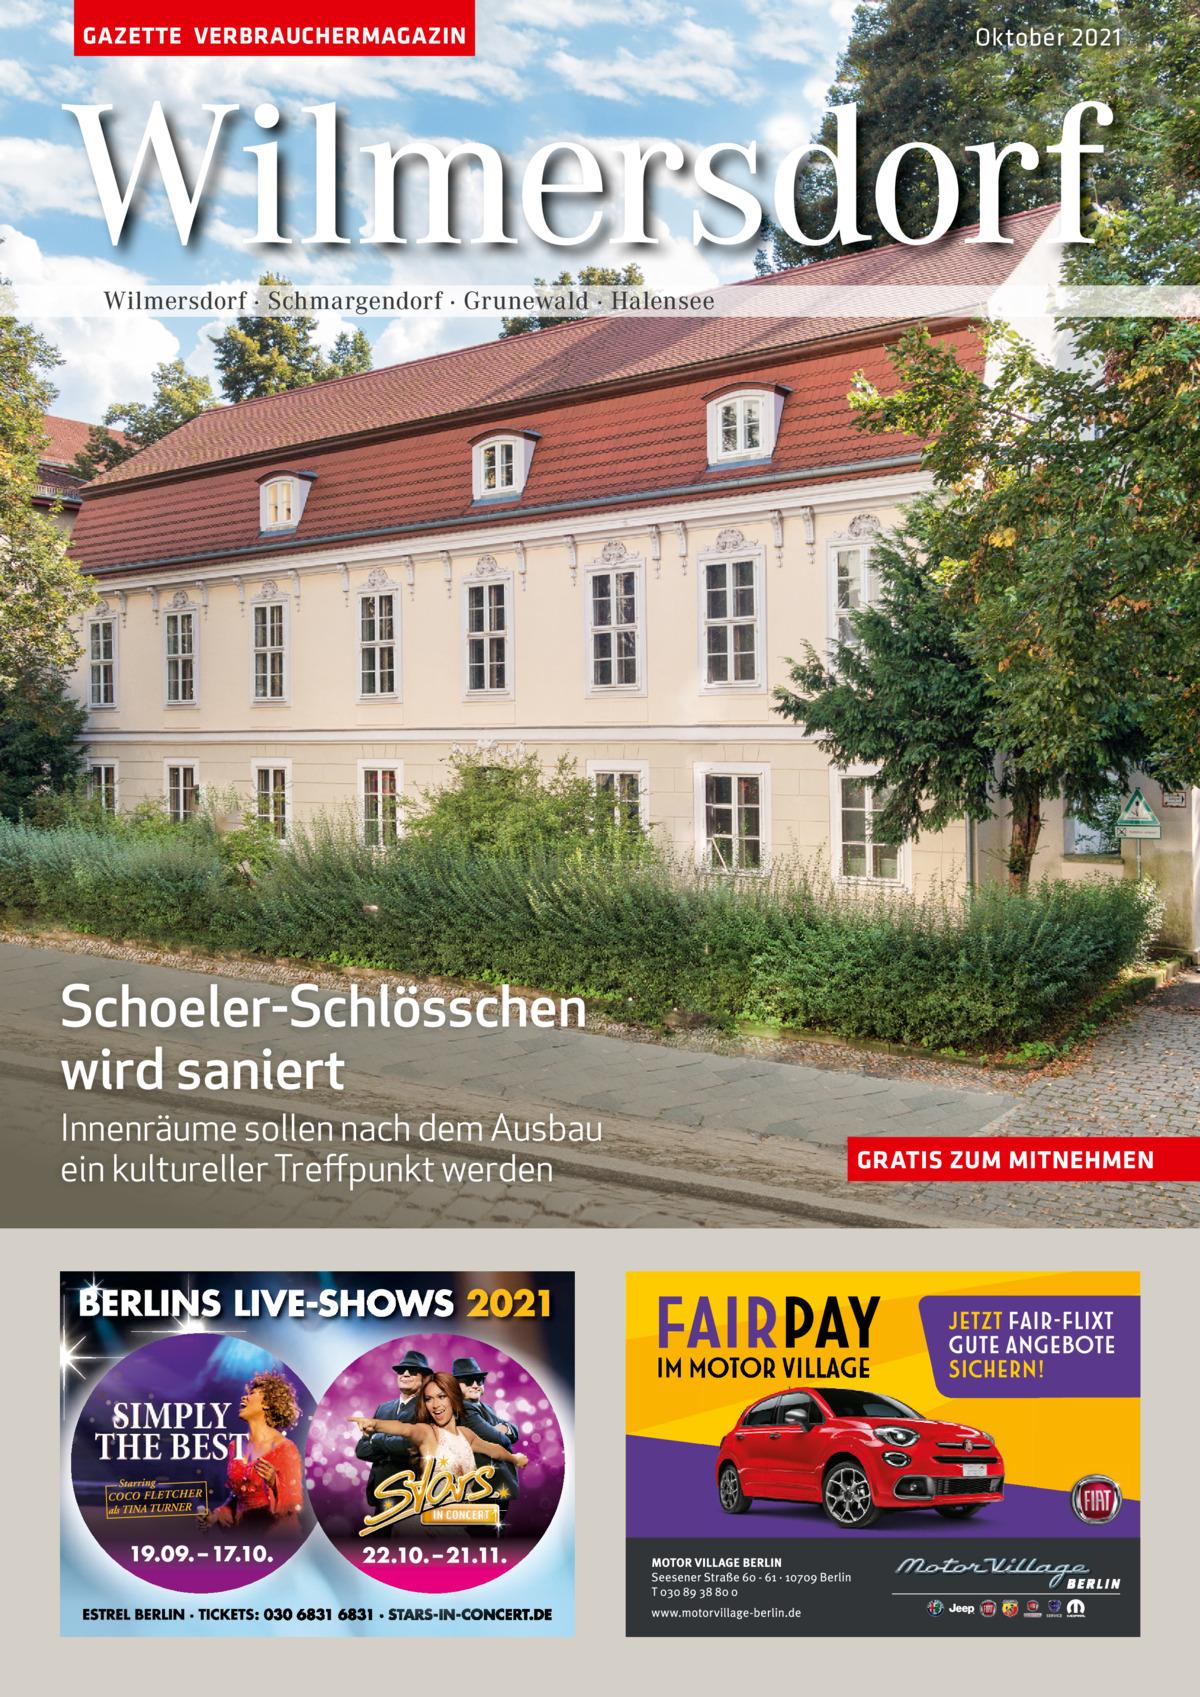 GAZETTE VERBRAUCHERMAGAZIN  Oktober 2021  Wilmersdorf Wilmersdorf · Schmargendorf · Grunewald · Halensee  Schoeler-Schlösschen wird saniert Innenräume sollen nach dem Ausbau ein kultureller Treffpunkt werden  GRATIS ZUM MITNEHMEN